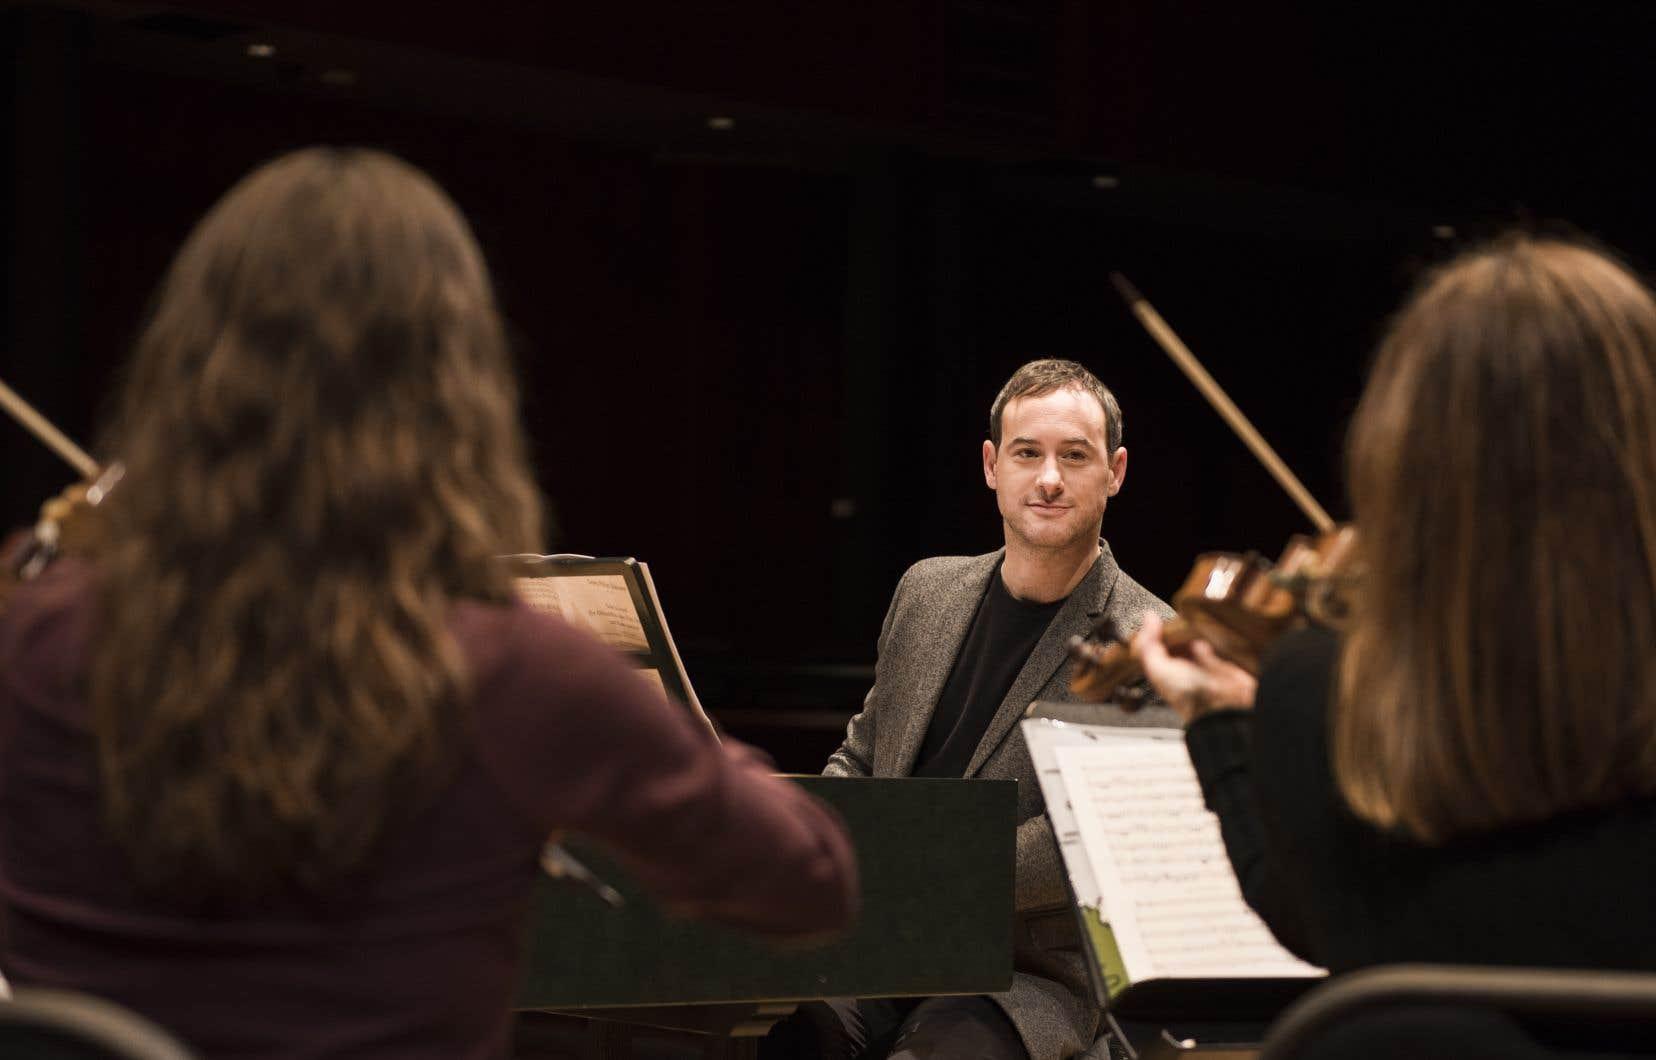 Le programme «Magnificat!» de Jonathan Cohen est l'occasion rêvée de nous intéresser à l'œuvre sacrée dans la famille Bach et, surtout, à des personnages moins connus de la lignée.